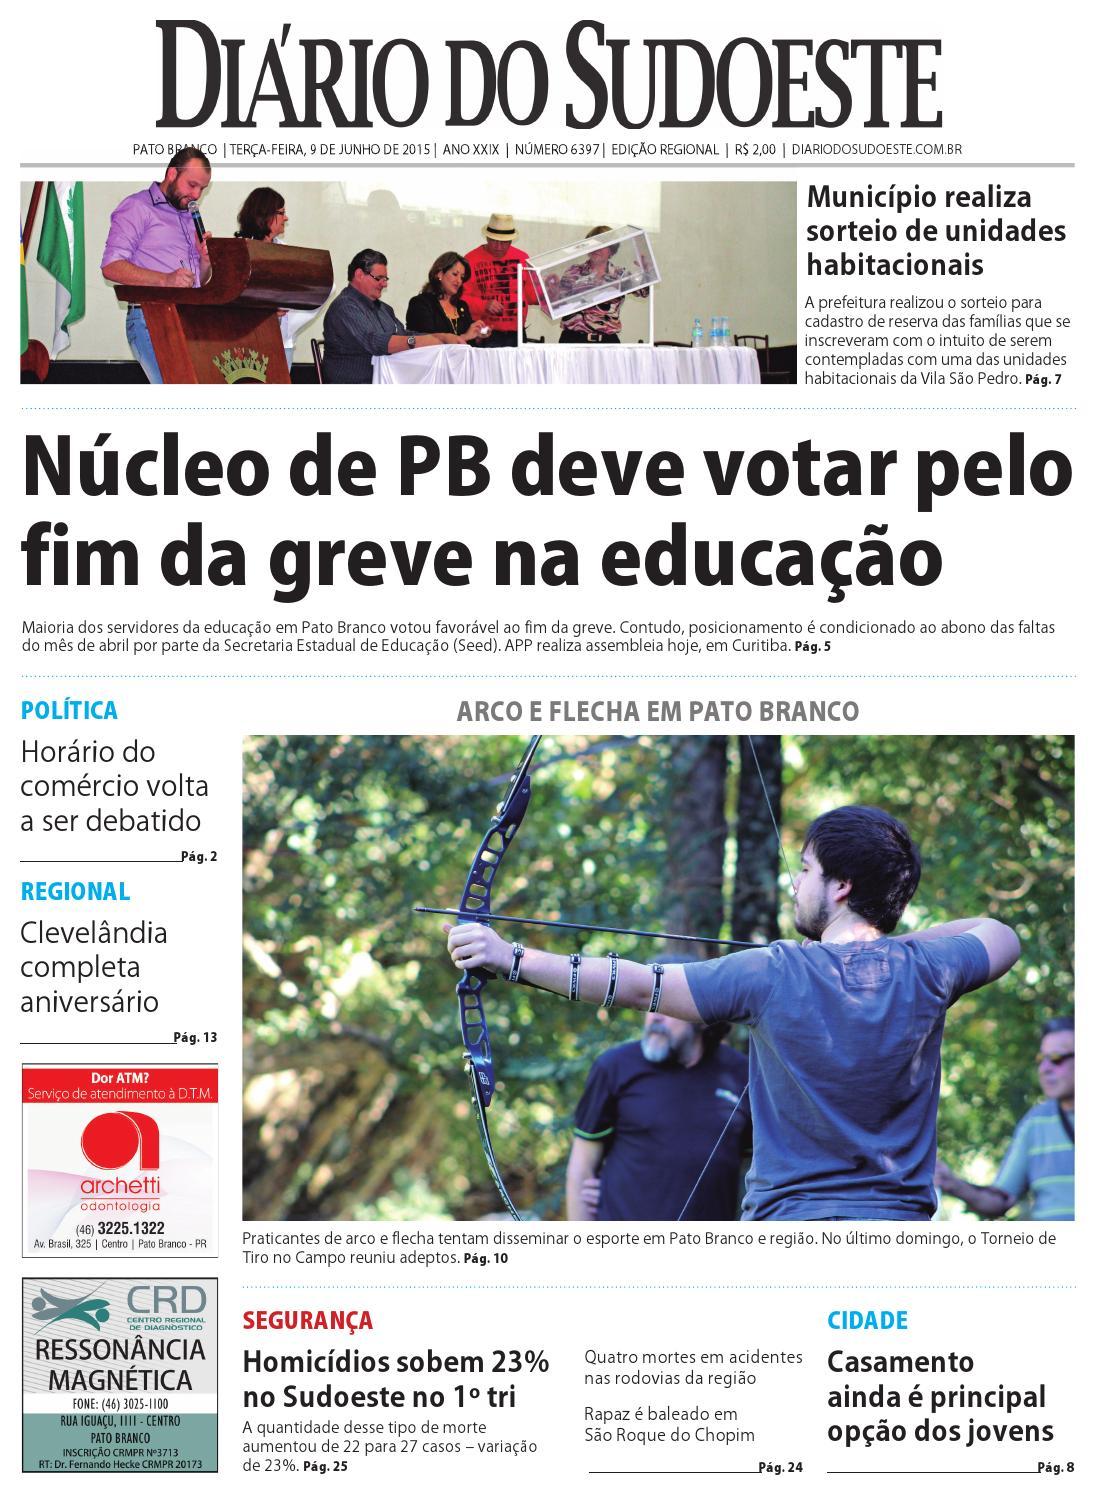 Diário do sudoeste 9 de junho de 2015 ed 6397 by Diário do Sudoeste - issuu a7822588e5